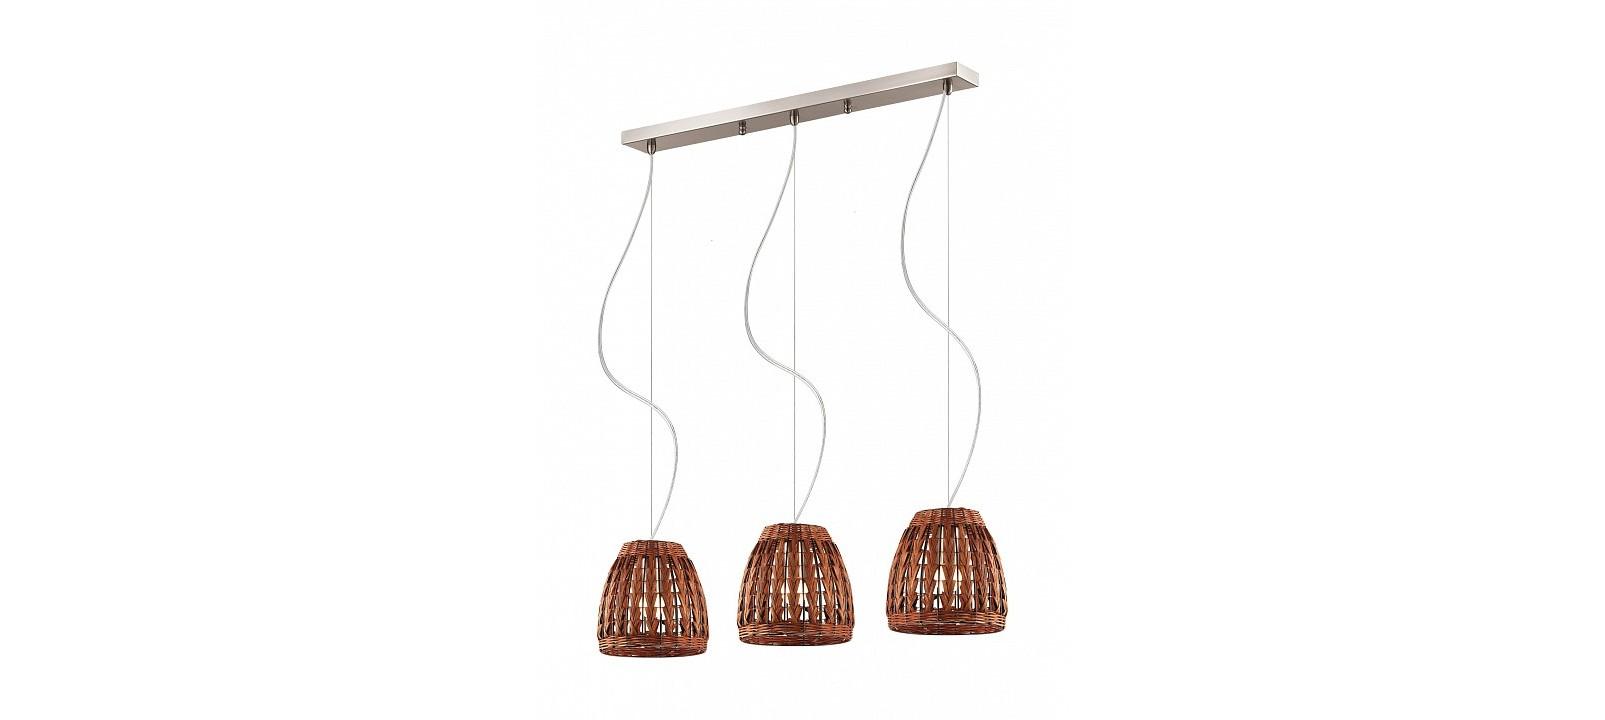 Подвесной светильник KeniПодвесные светильники<br>&amp;lt;div&amp;gt;Вид цоколя: E27&amp;lt;/div&amp;gt;&amp;lt;div&amp;gt;Мощность: 60W&amp;lt;/div&amp;gt;&amp;lt;div&amp;gt;Количество ламп: 3 (нет в комплекте)&amp;lt;/div&amp;gt;&amp;lt;div&amp;gt;&amp;lt;br&amp;gt;&amp;lt;/div&amp;gt;&amp;lt;div&amp;gt;Материал арматуры - металл&amp;lt;/div&amp;gt;&amp;lt;div&amp;gt;Материал плафонов и подвесок - ротанг&amp;lt;/div&amp;gt;<br><br>Material: Металл<br>Height см: 25<br>Diameter см: 82